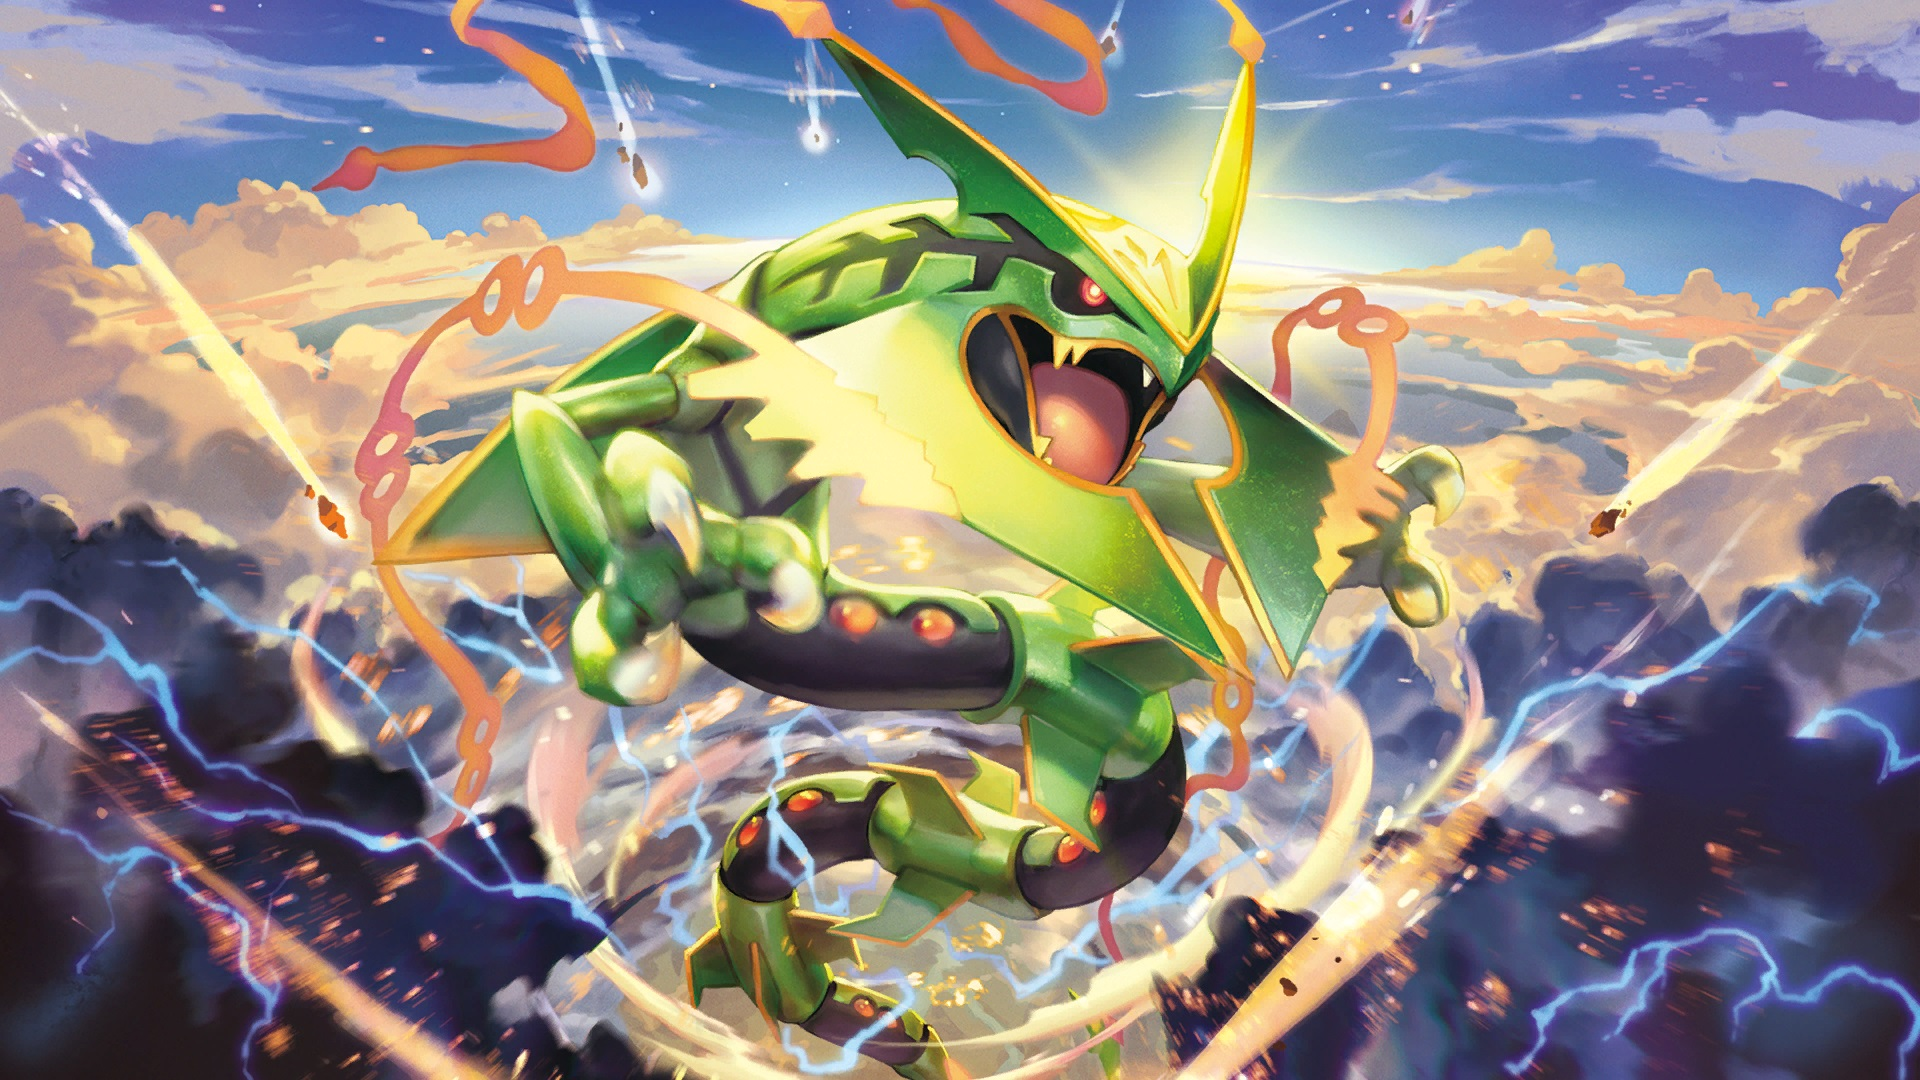 Mega_Rayquaza_Pokemon_TCG_XY_Roaring_Skies[1].jpg